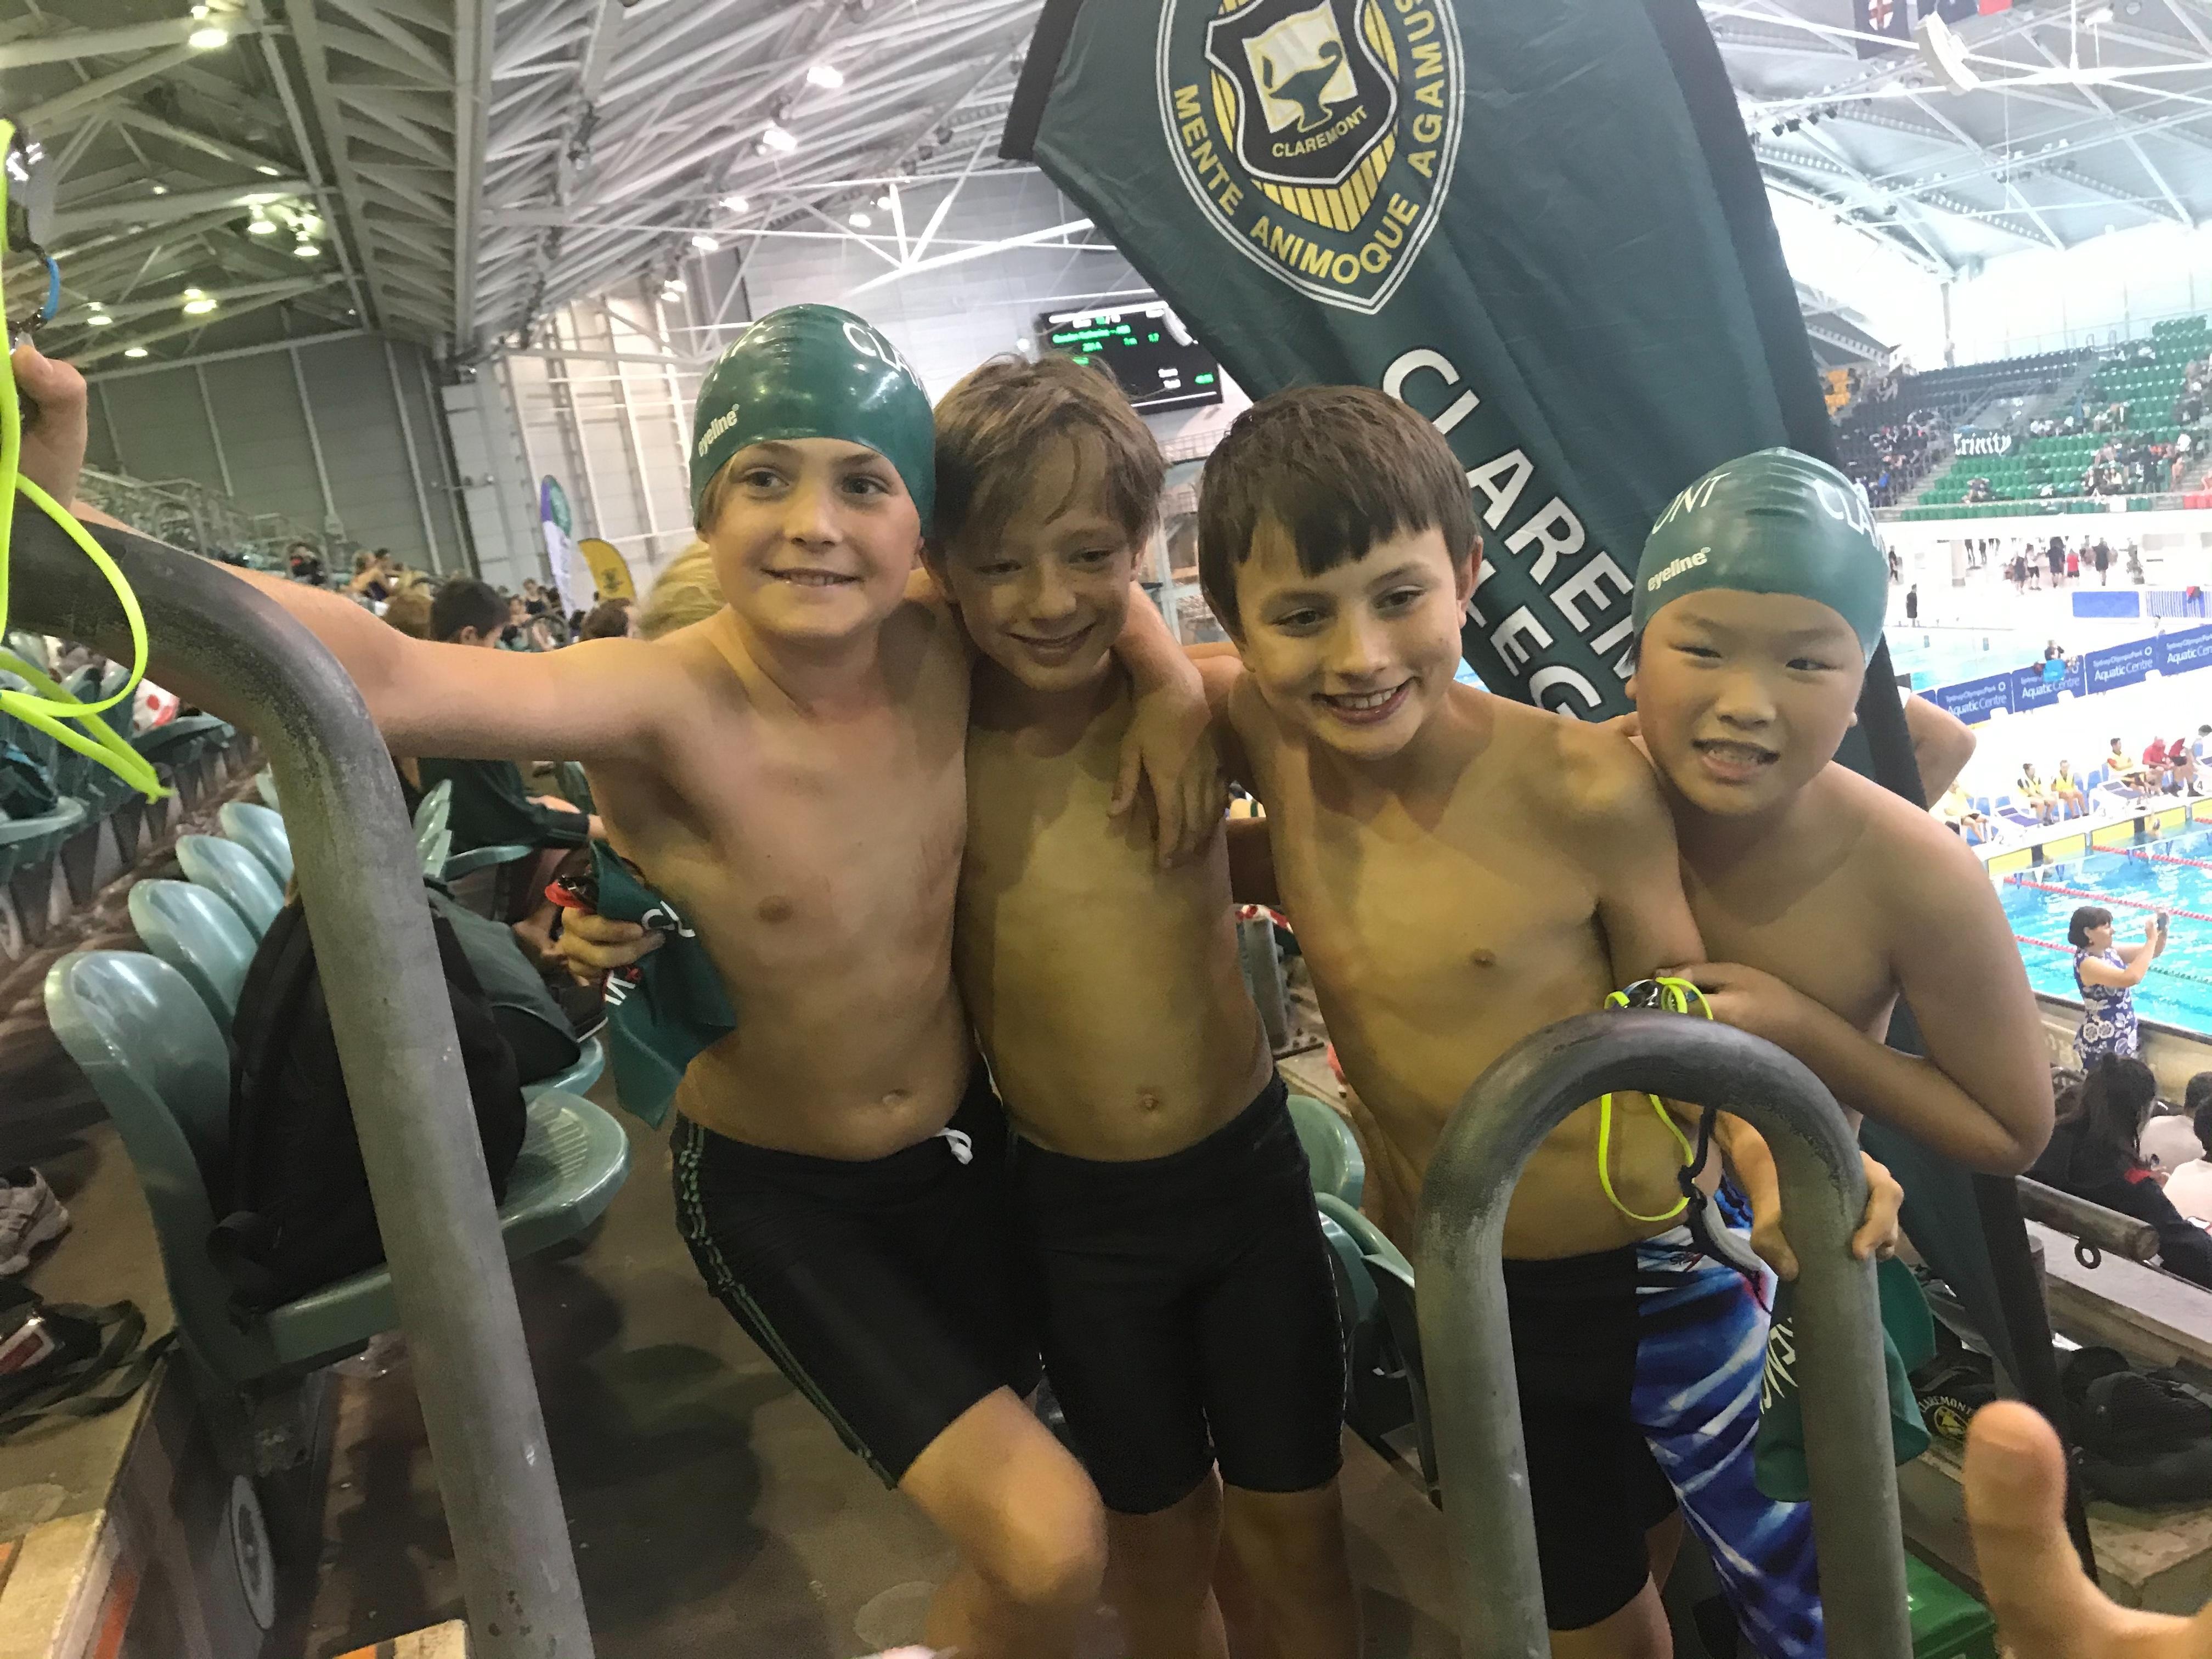 boys-swimming.jpeg?mtime=20210304182230#asset:23171